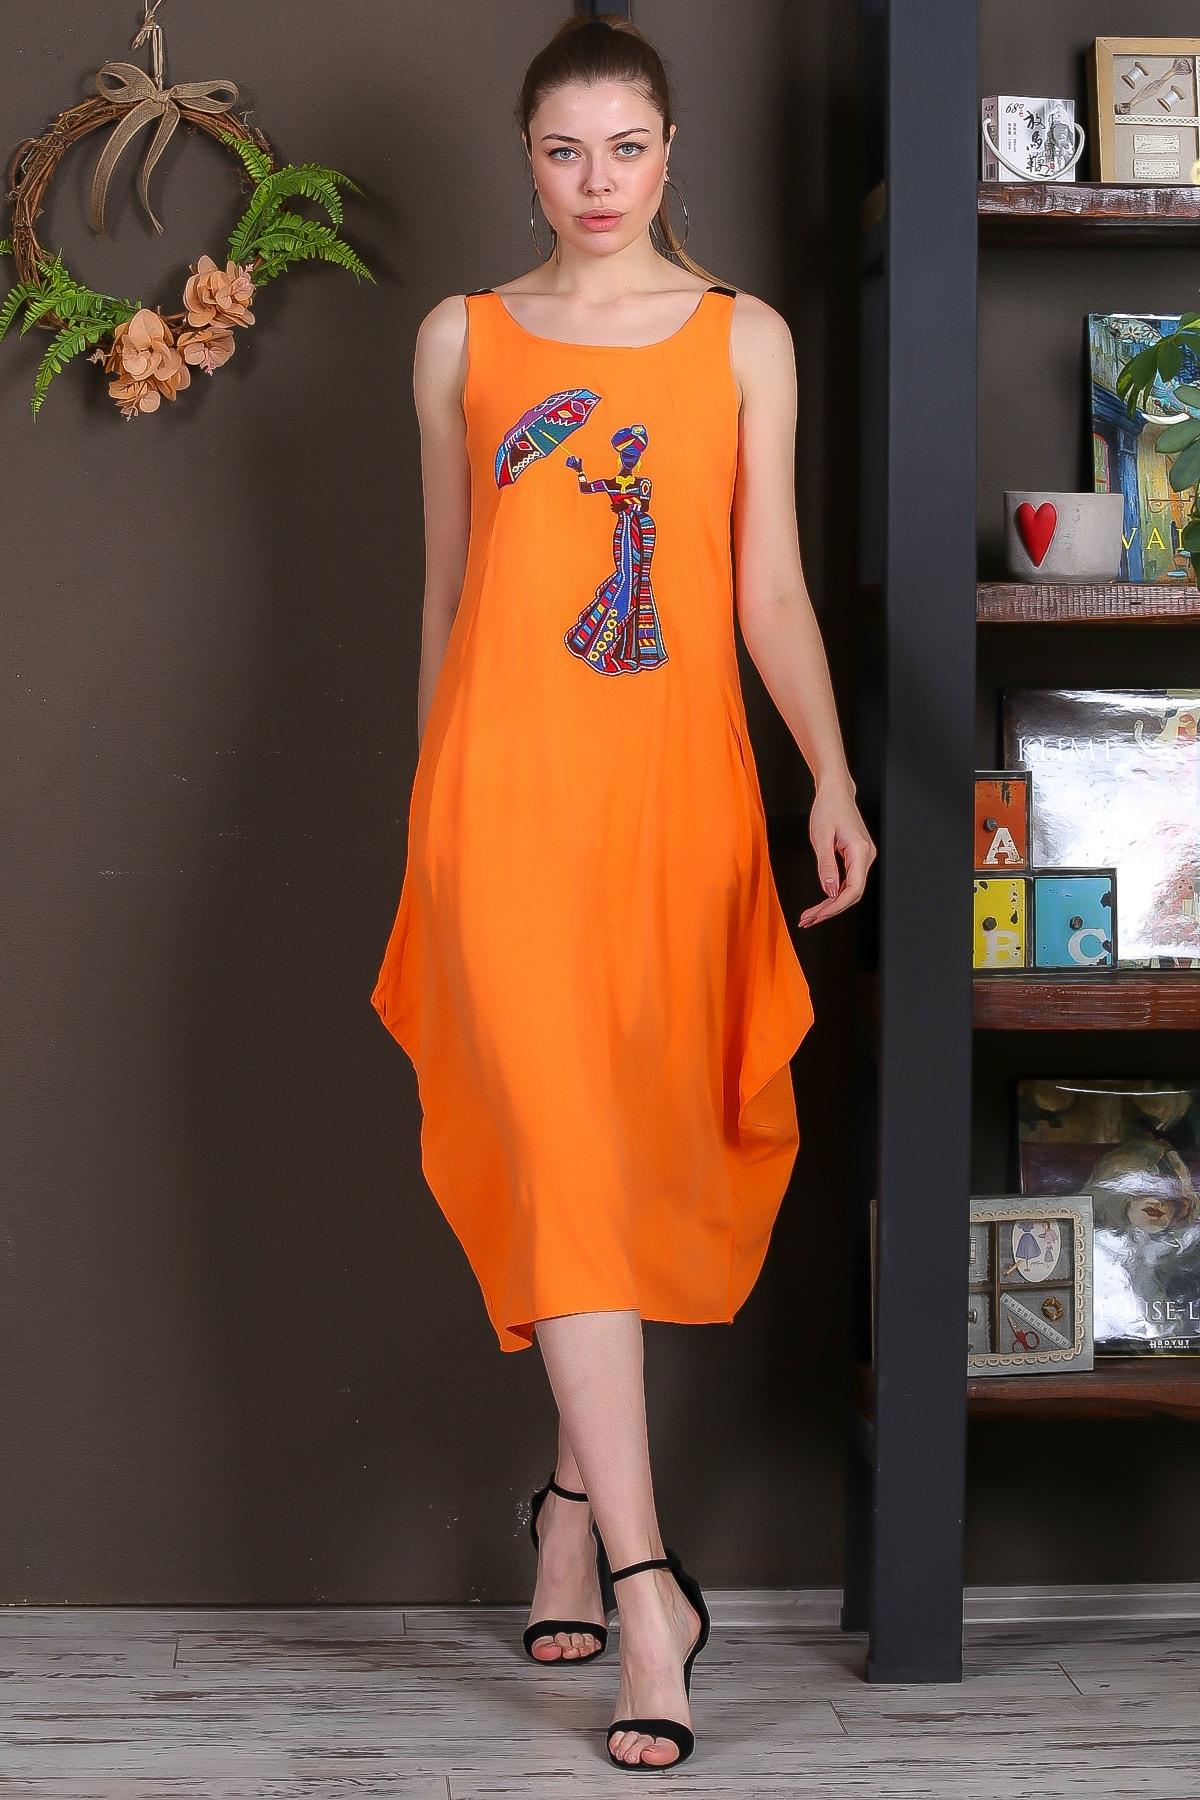 Chiccy Kadın Turuncu Şemsiye Nakışlı Askıları Kemer Tokalı Cepli Dokuma Elbise M10160000EL95410